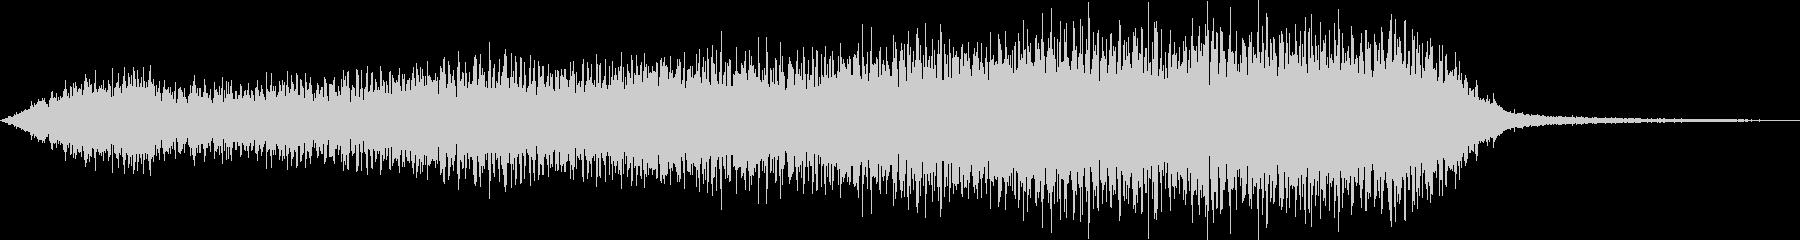 蒸気機関車の汽笛2の未再生の波形